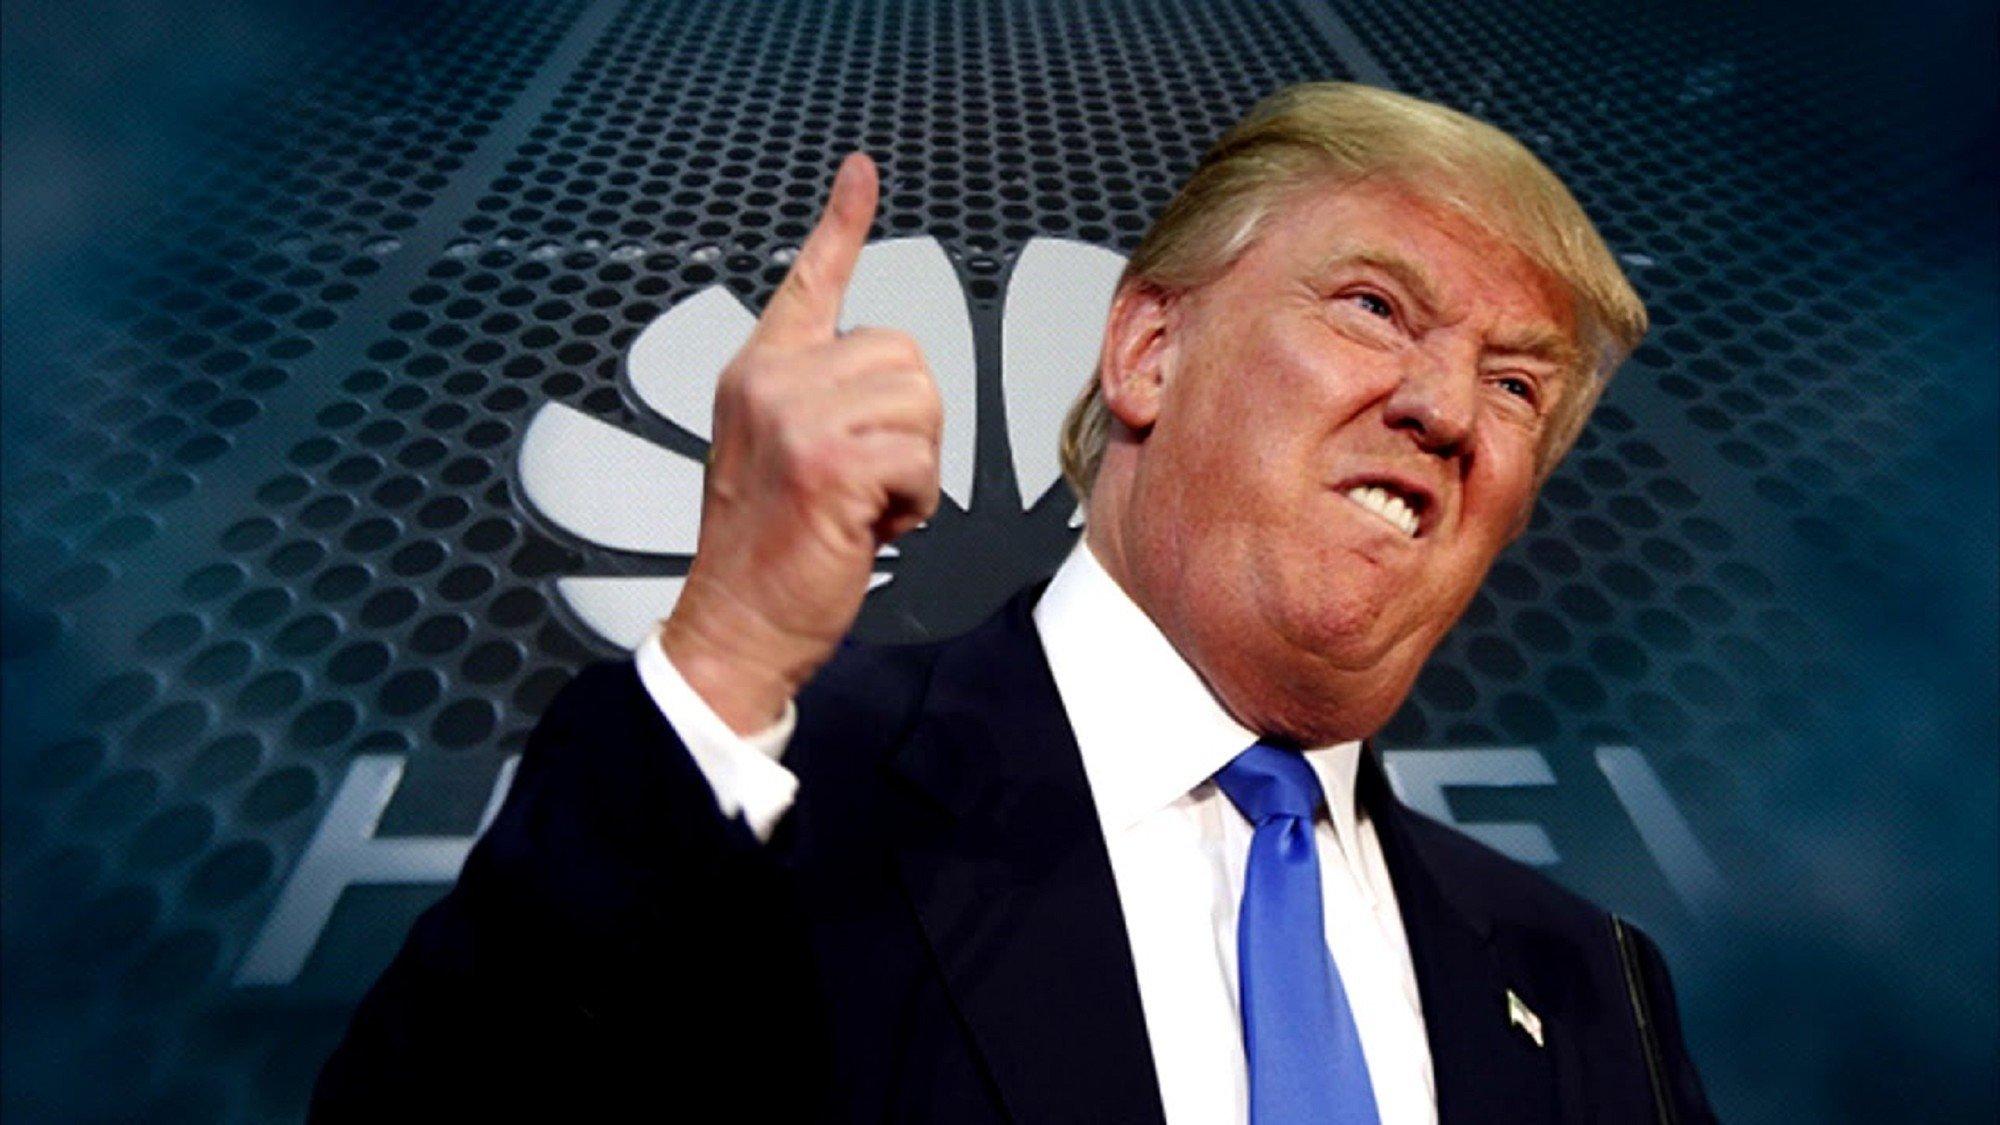 Американцы недовольны работой Трампа по борьбе с коронавирусом